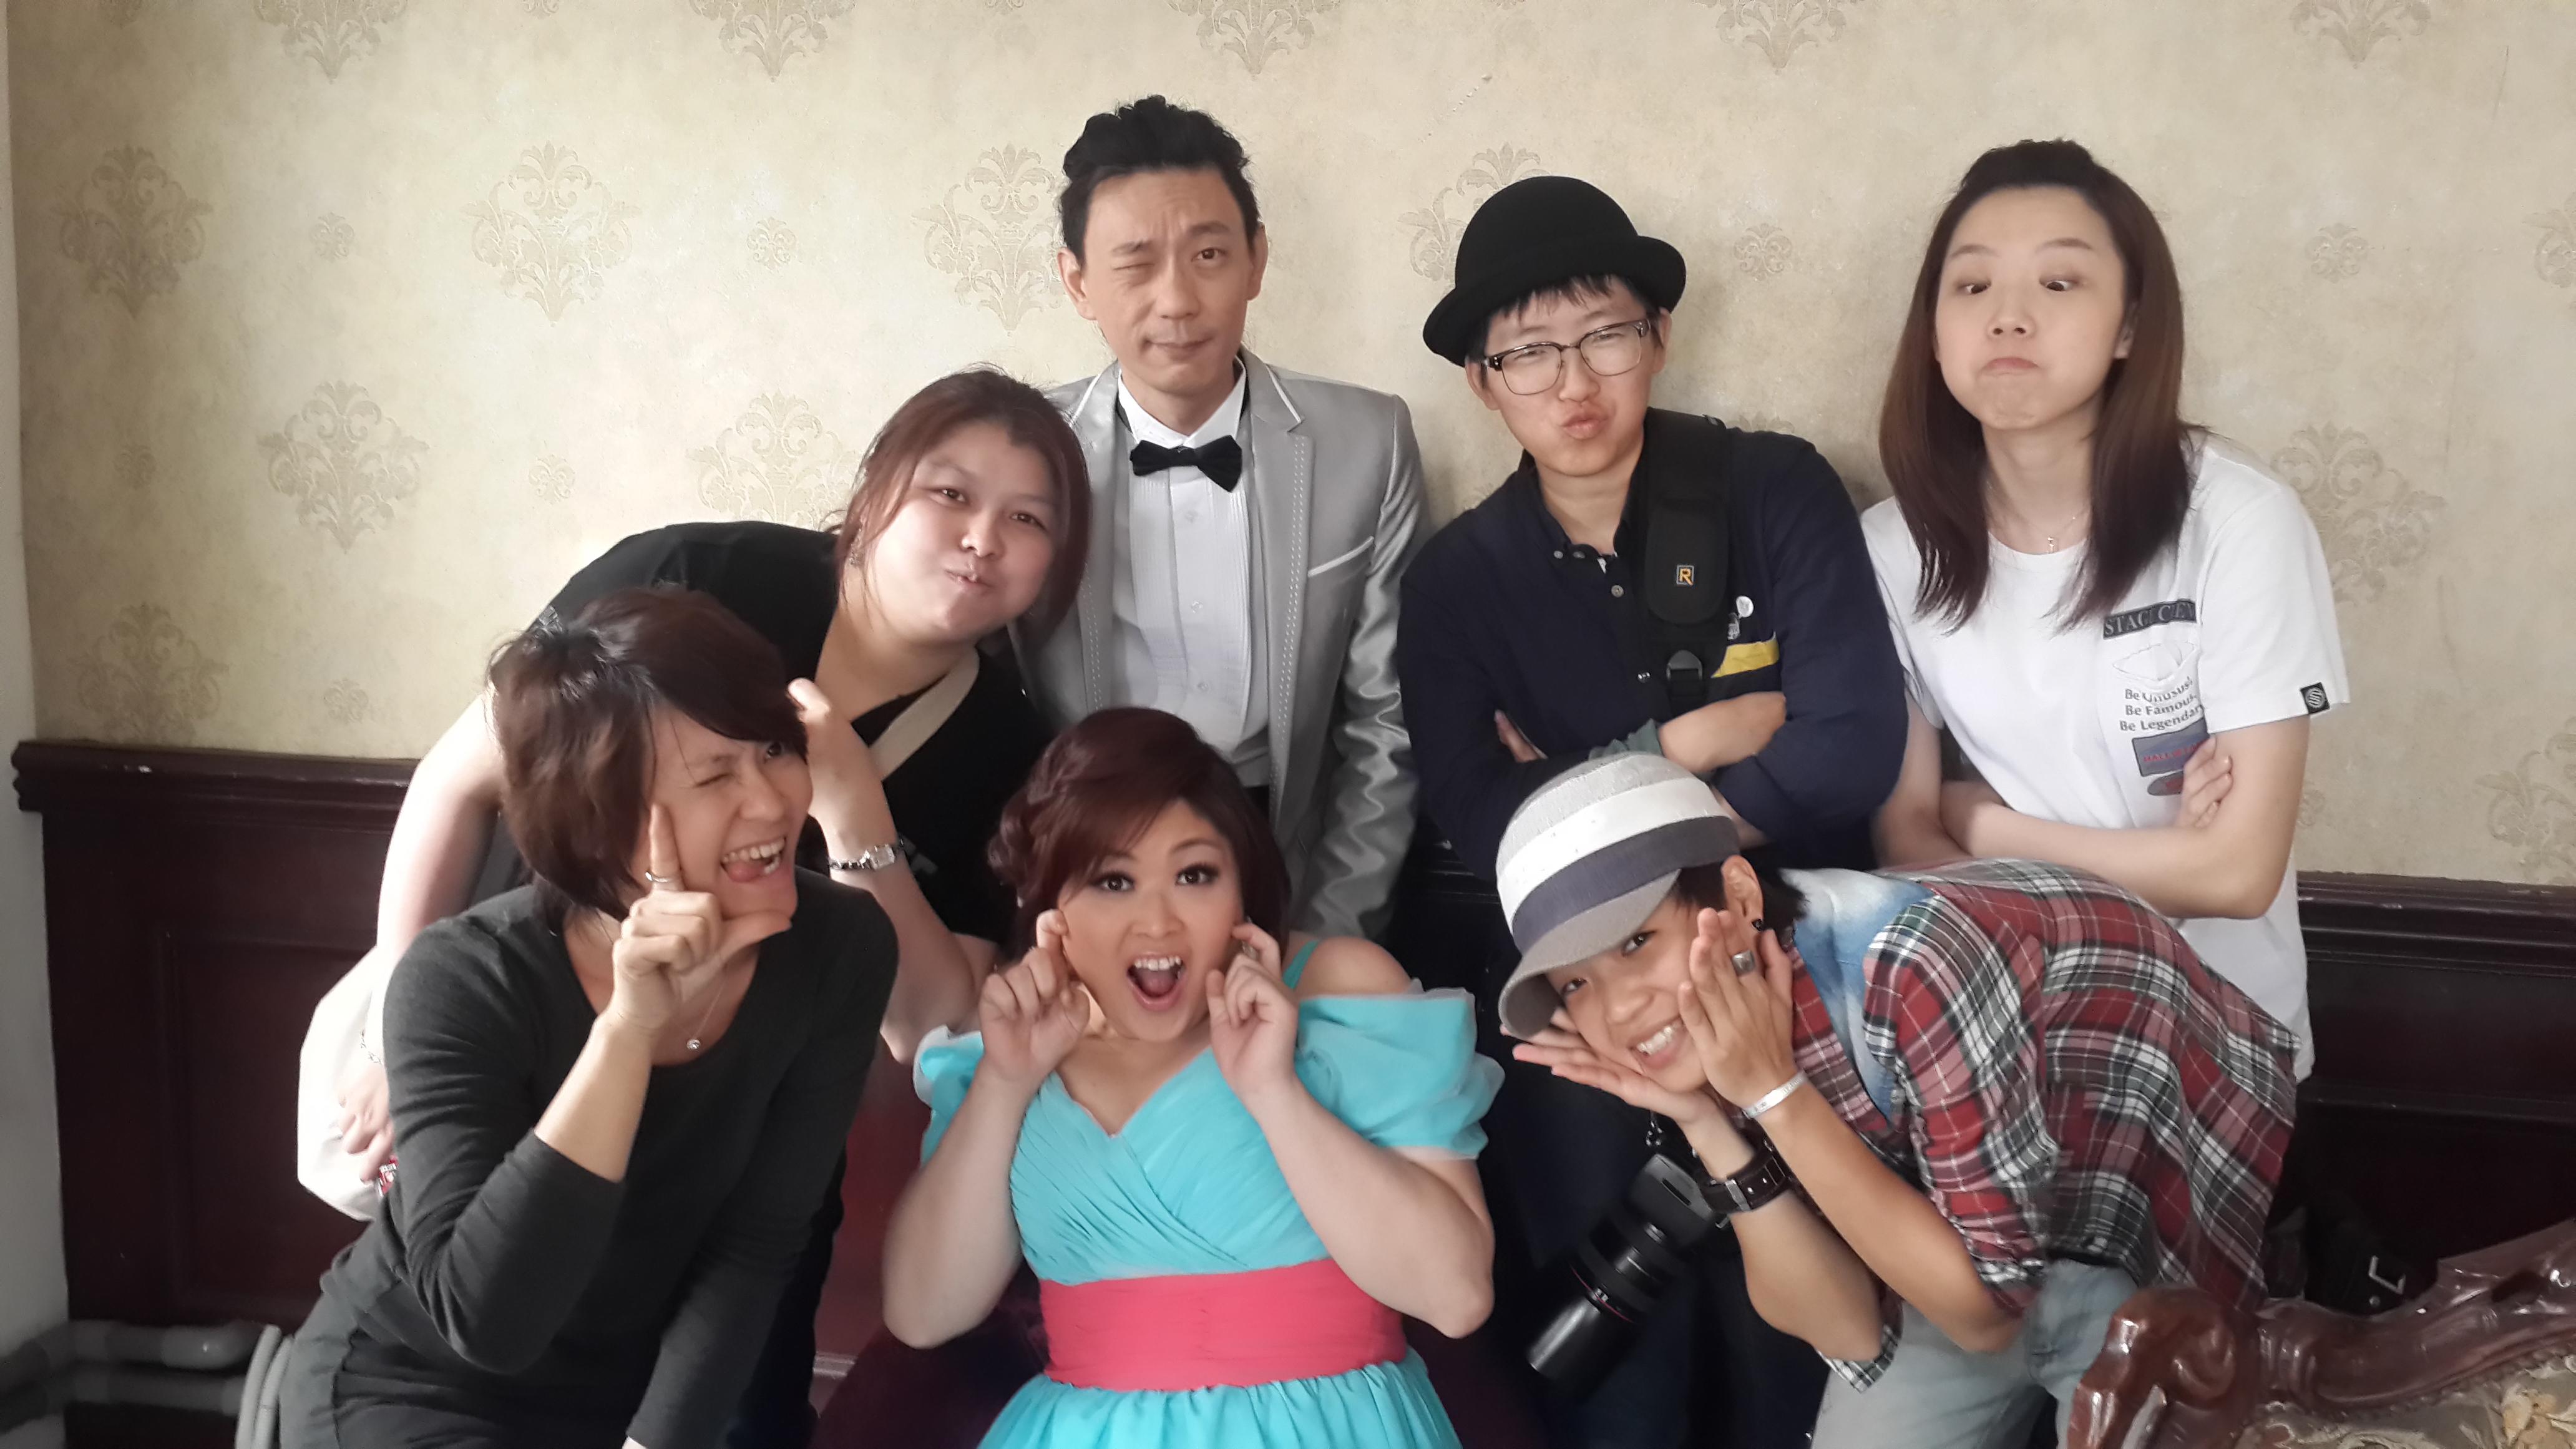 2014-03-18 自主婚紗 外拍花絮 – 團體照